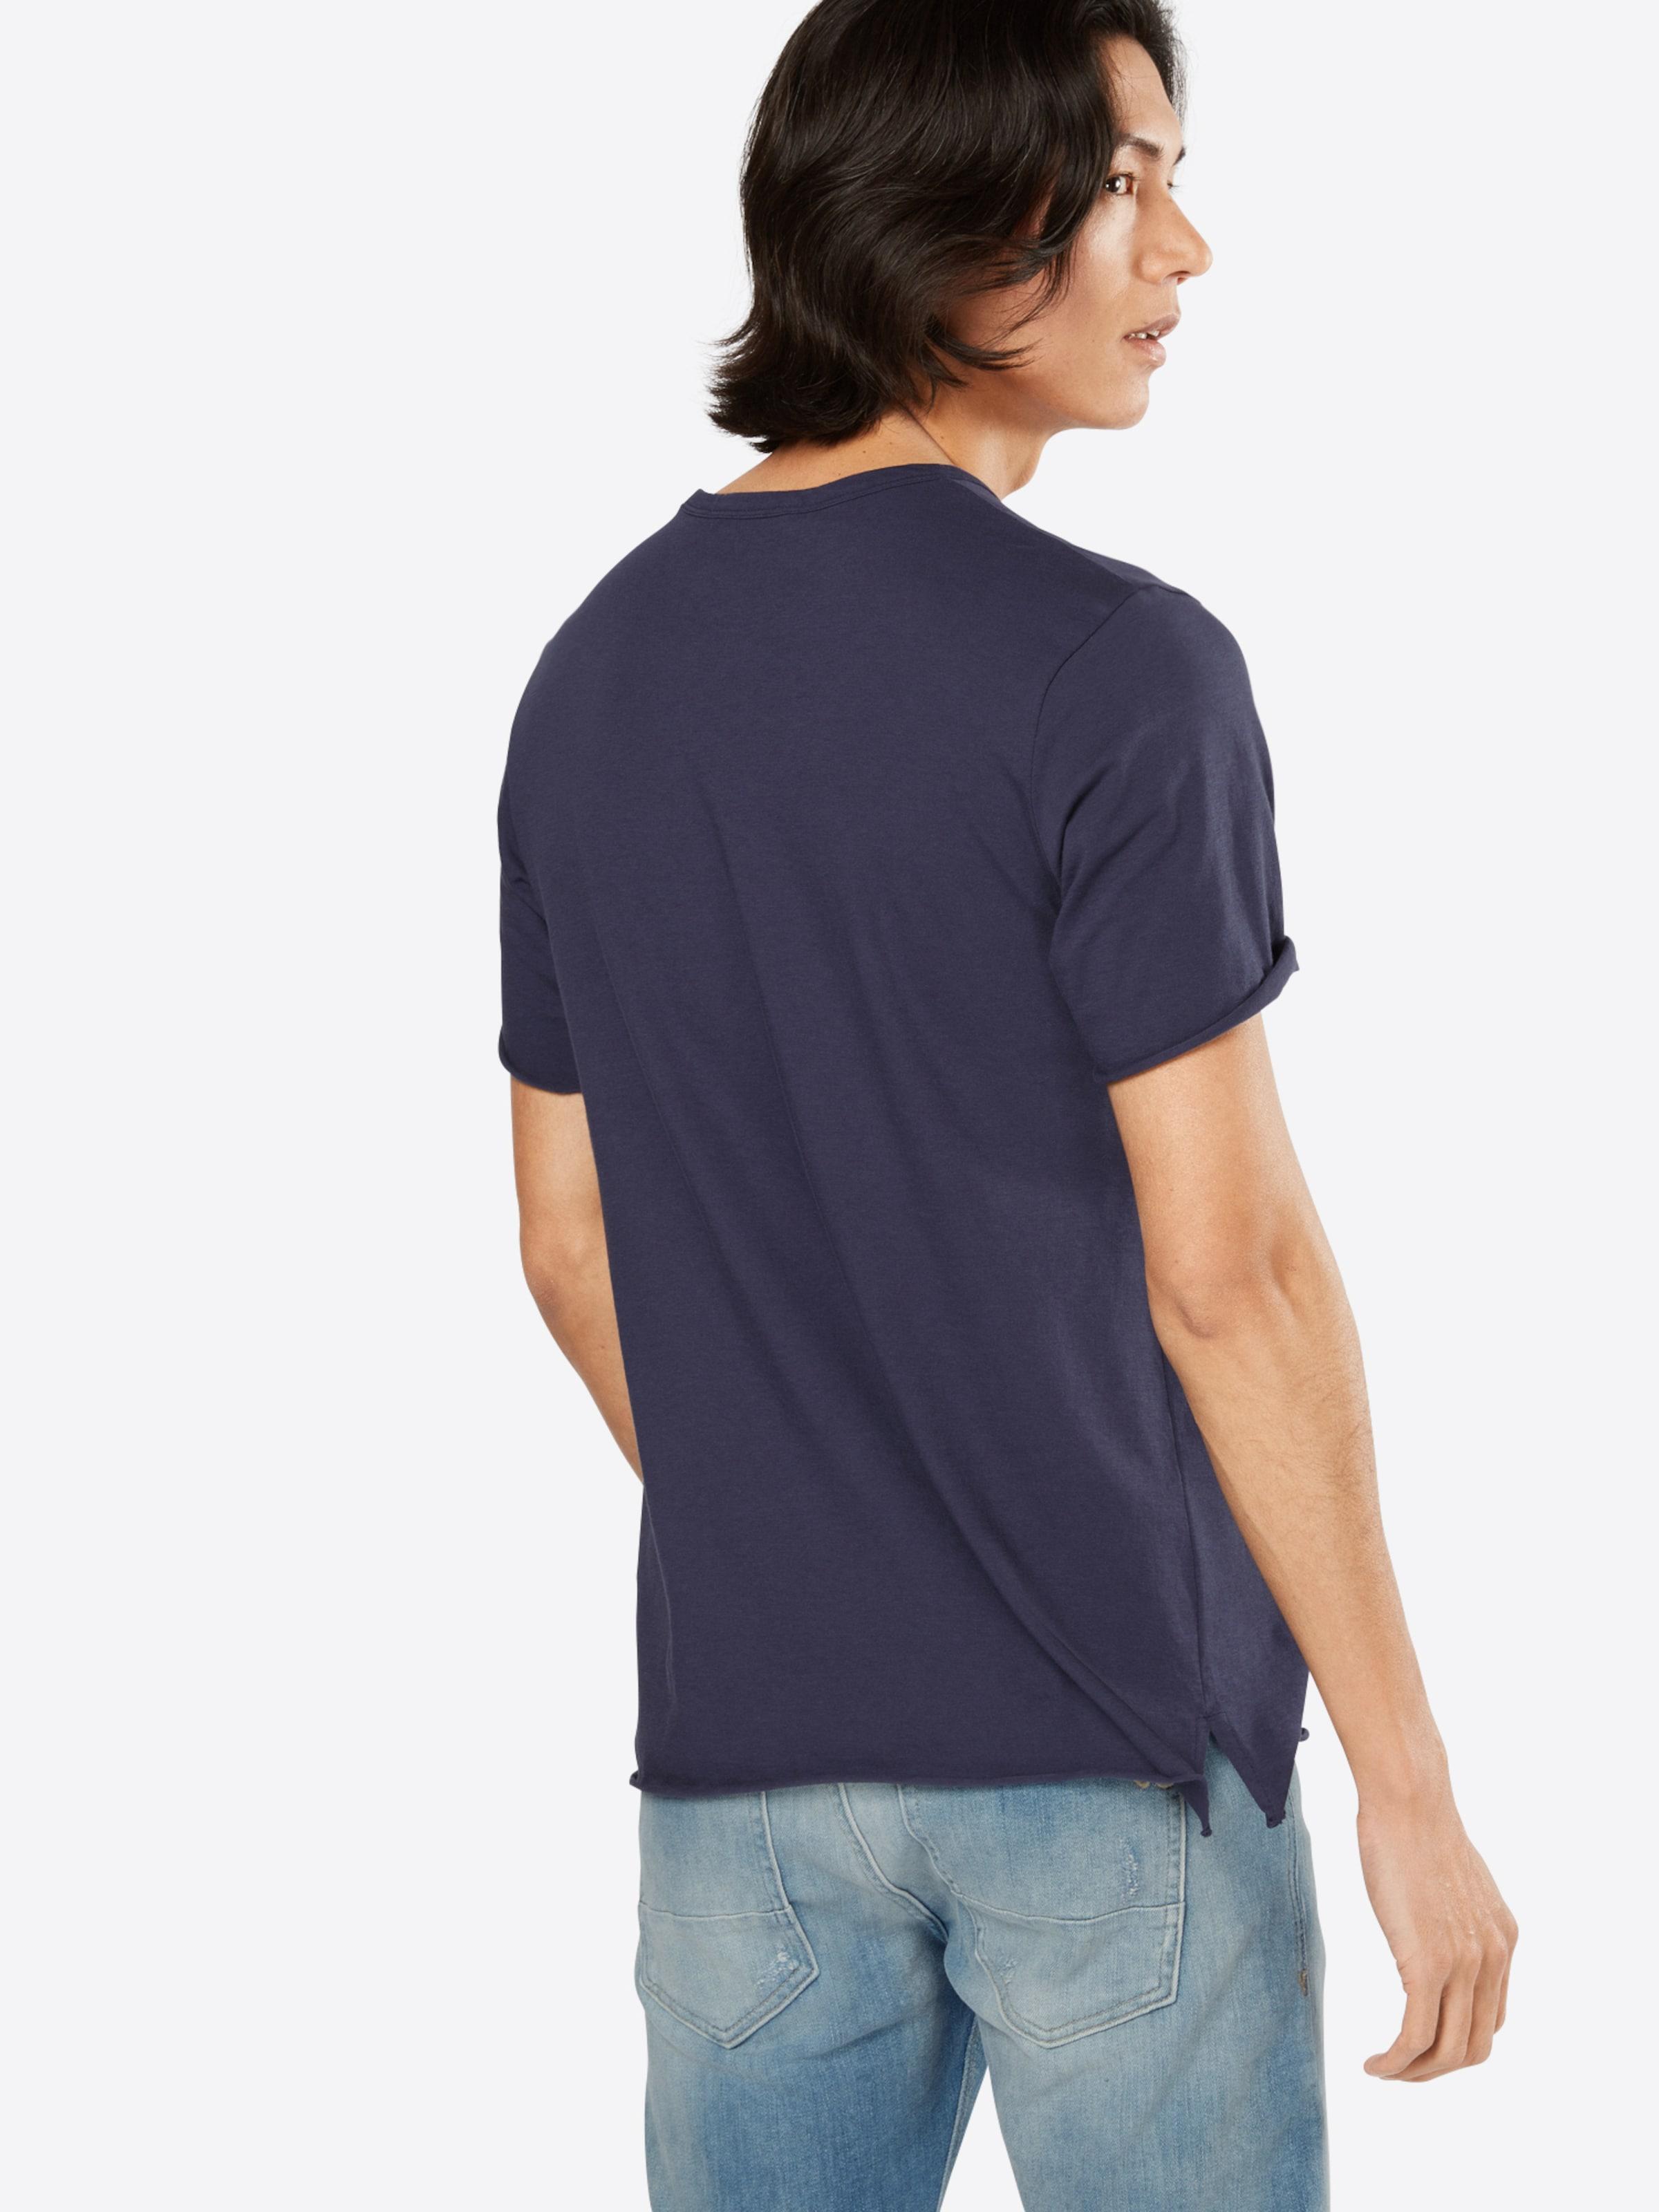 Lee T-Shirt 'RAW EDGE' Beliebt Verkauf Manchester Spielraum Sehr Billig 100% Original Freies Verschiffen Exklusiv 8xezu